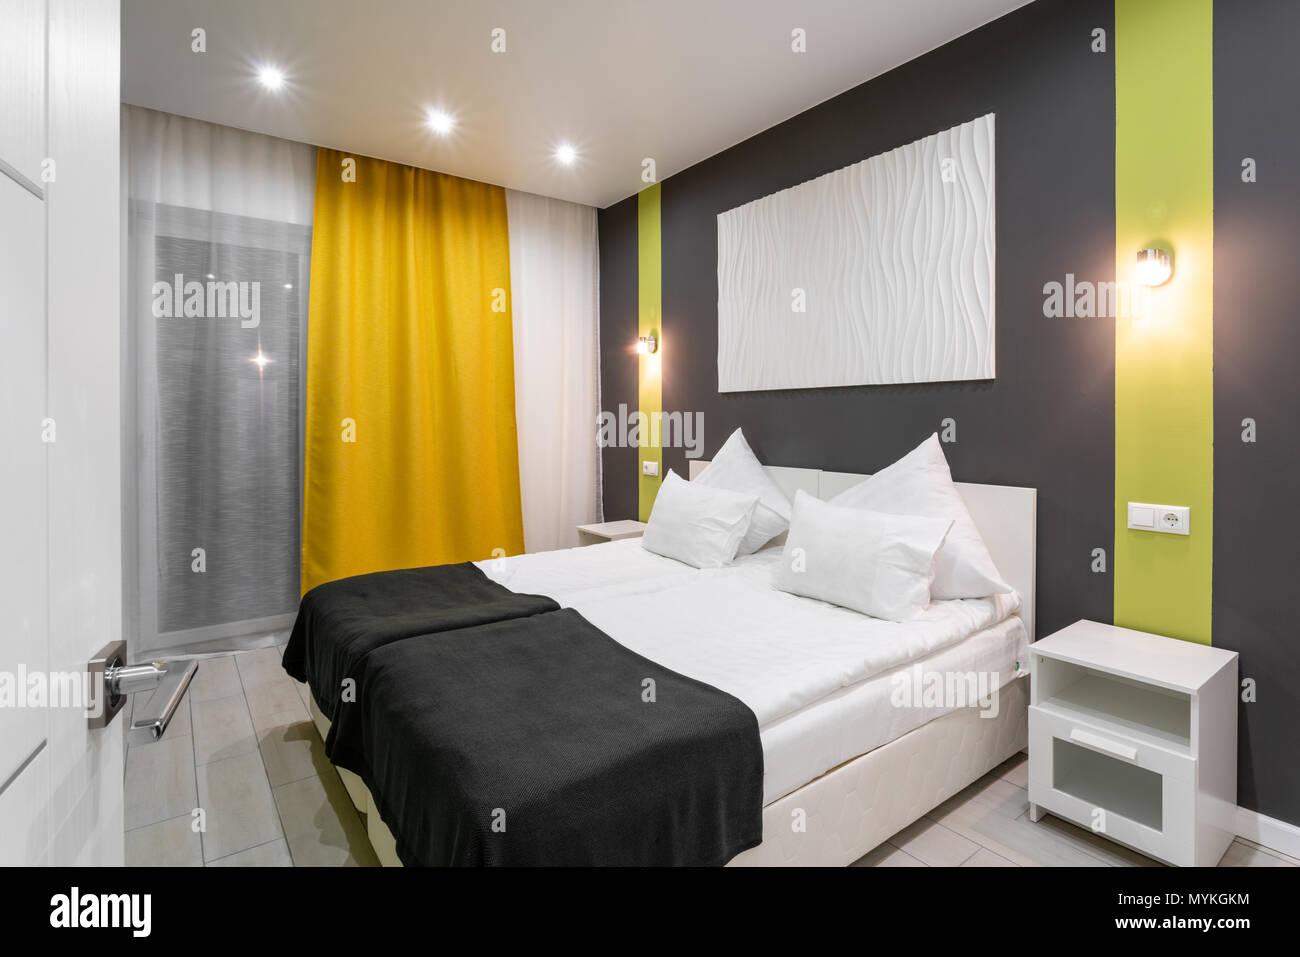 Hotel Standart Zimmer. moderne Schlafzimmer mit weißen Kissen ...